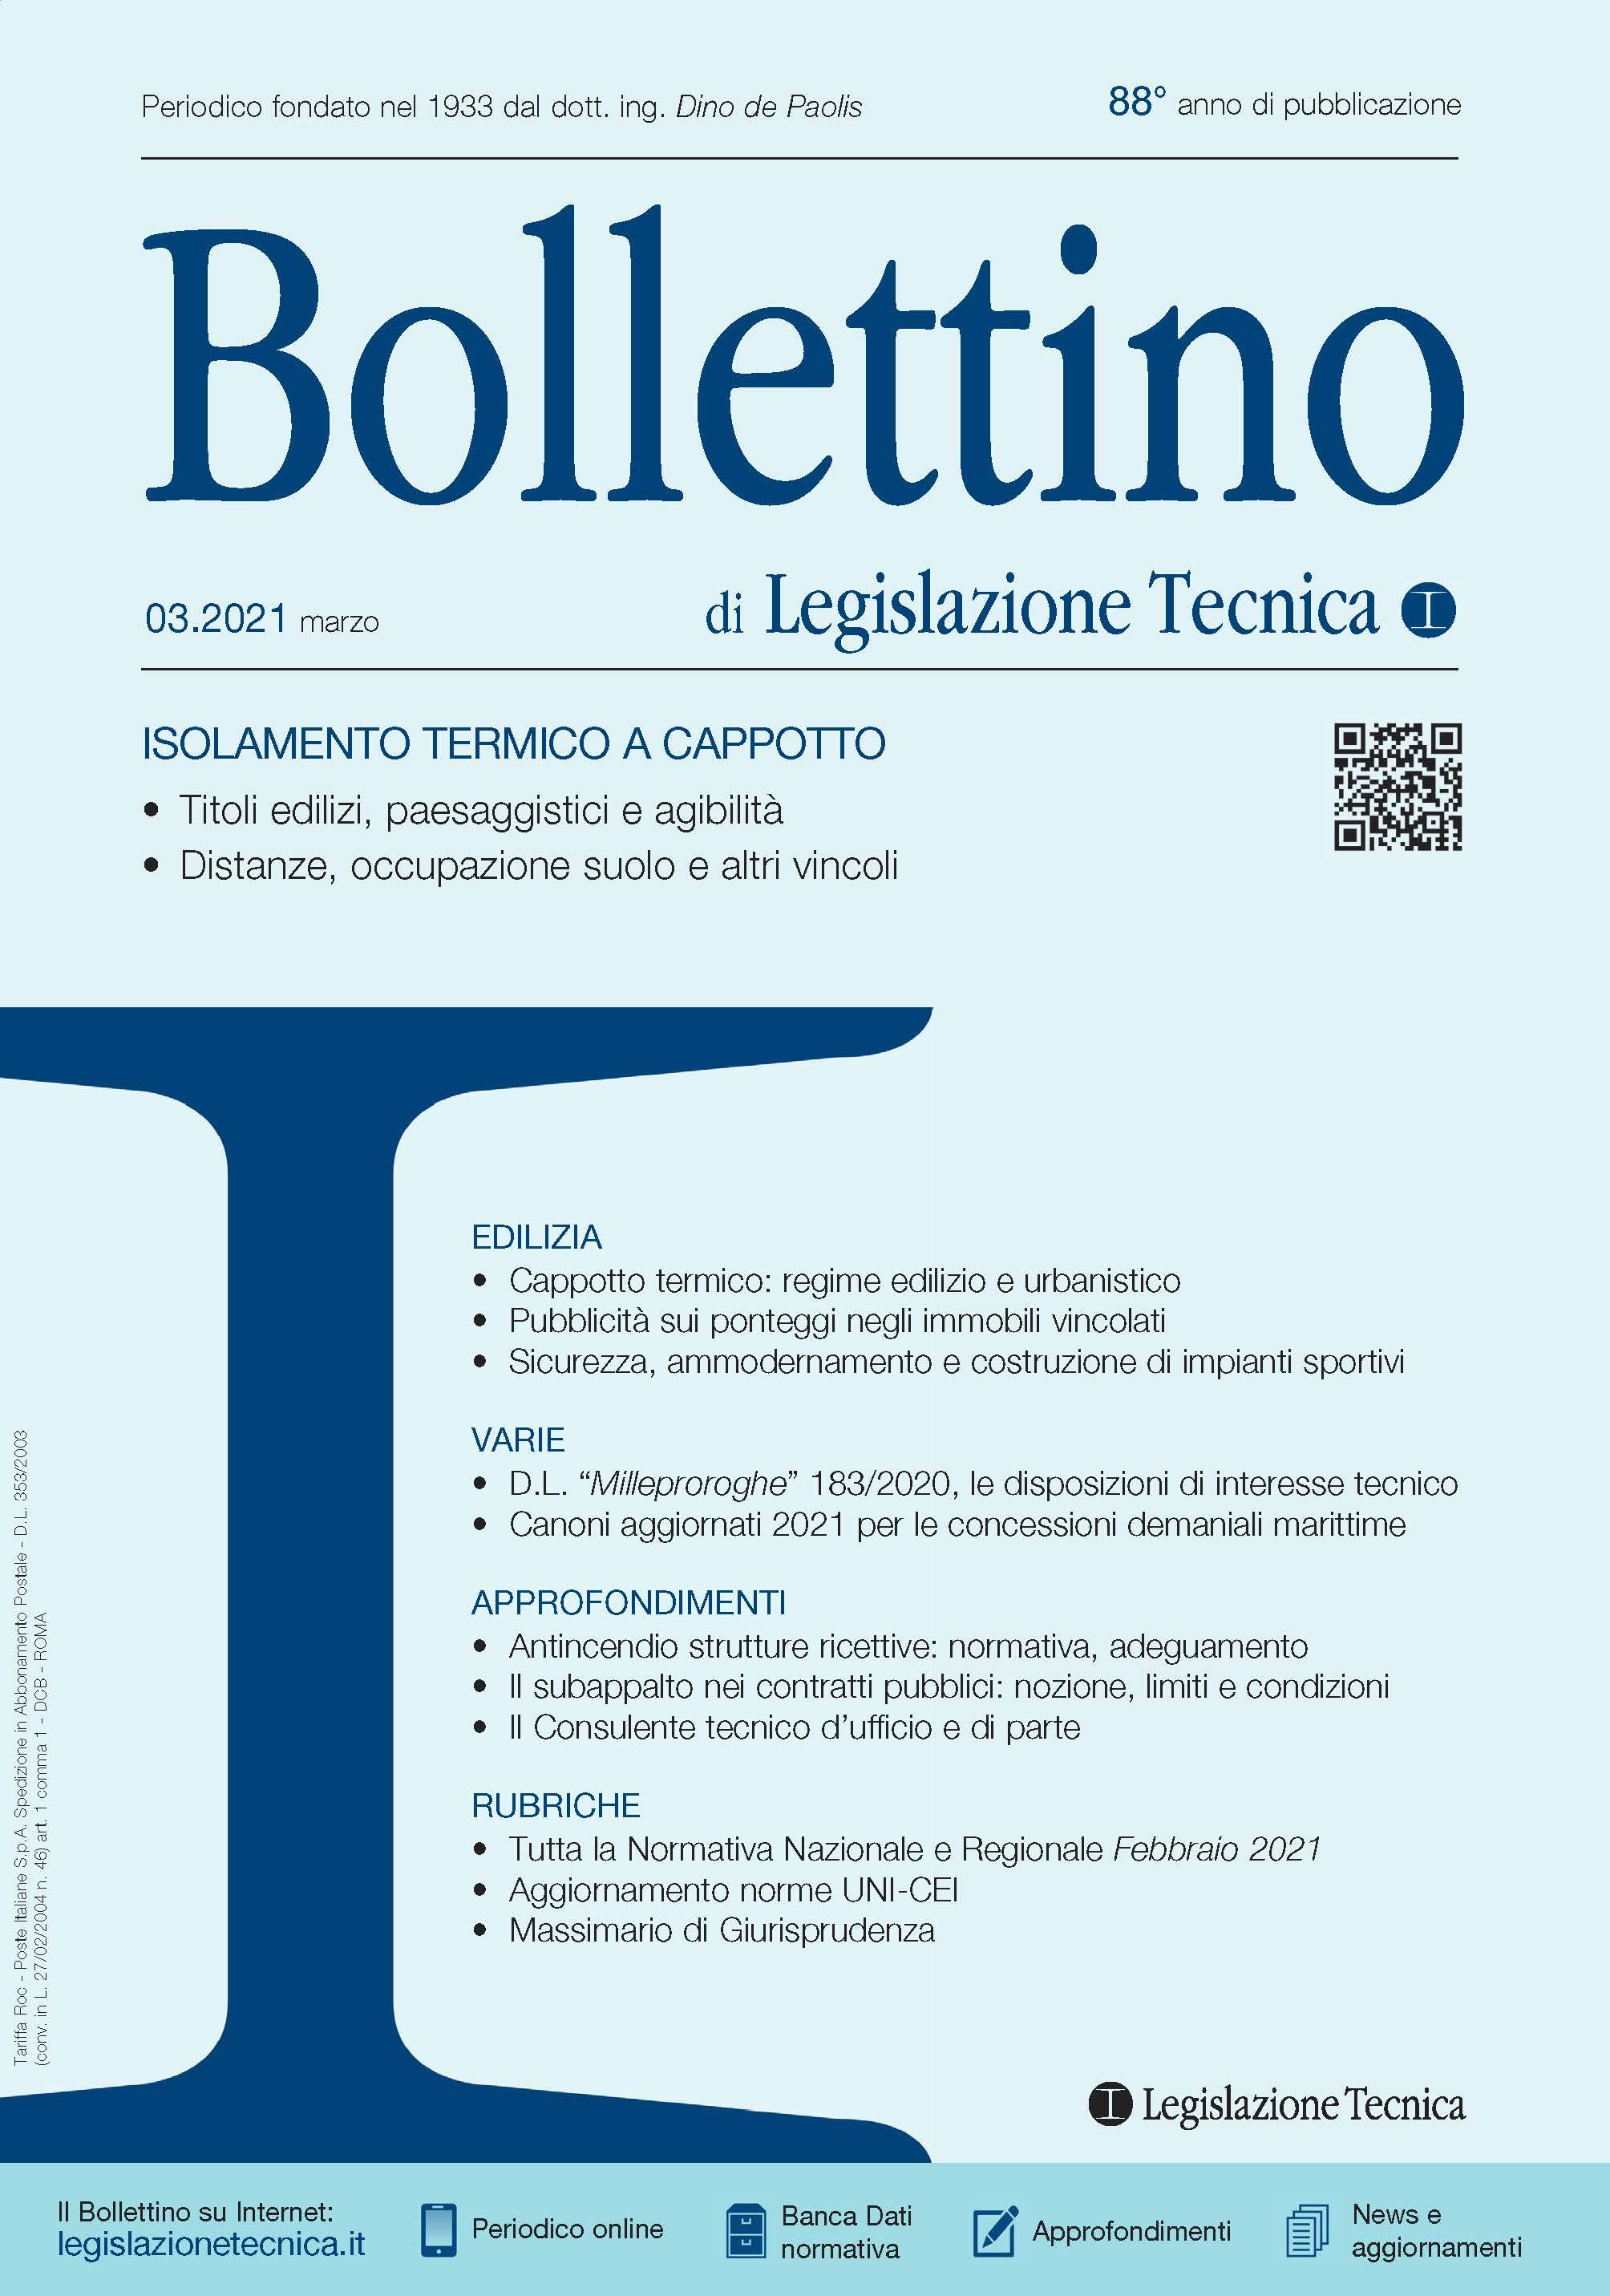 Bollettino di Legislazione Tecnica